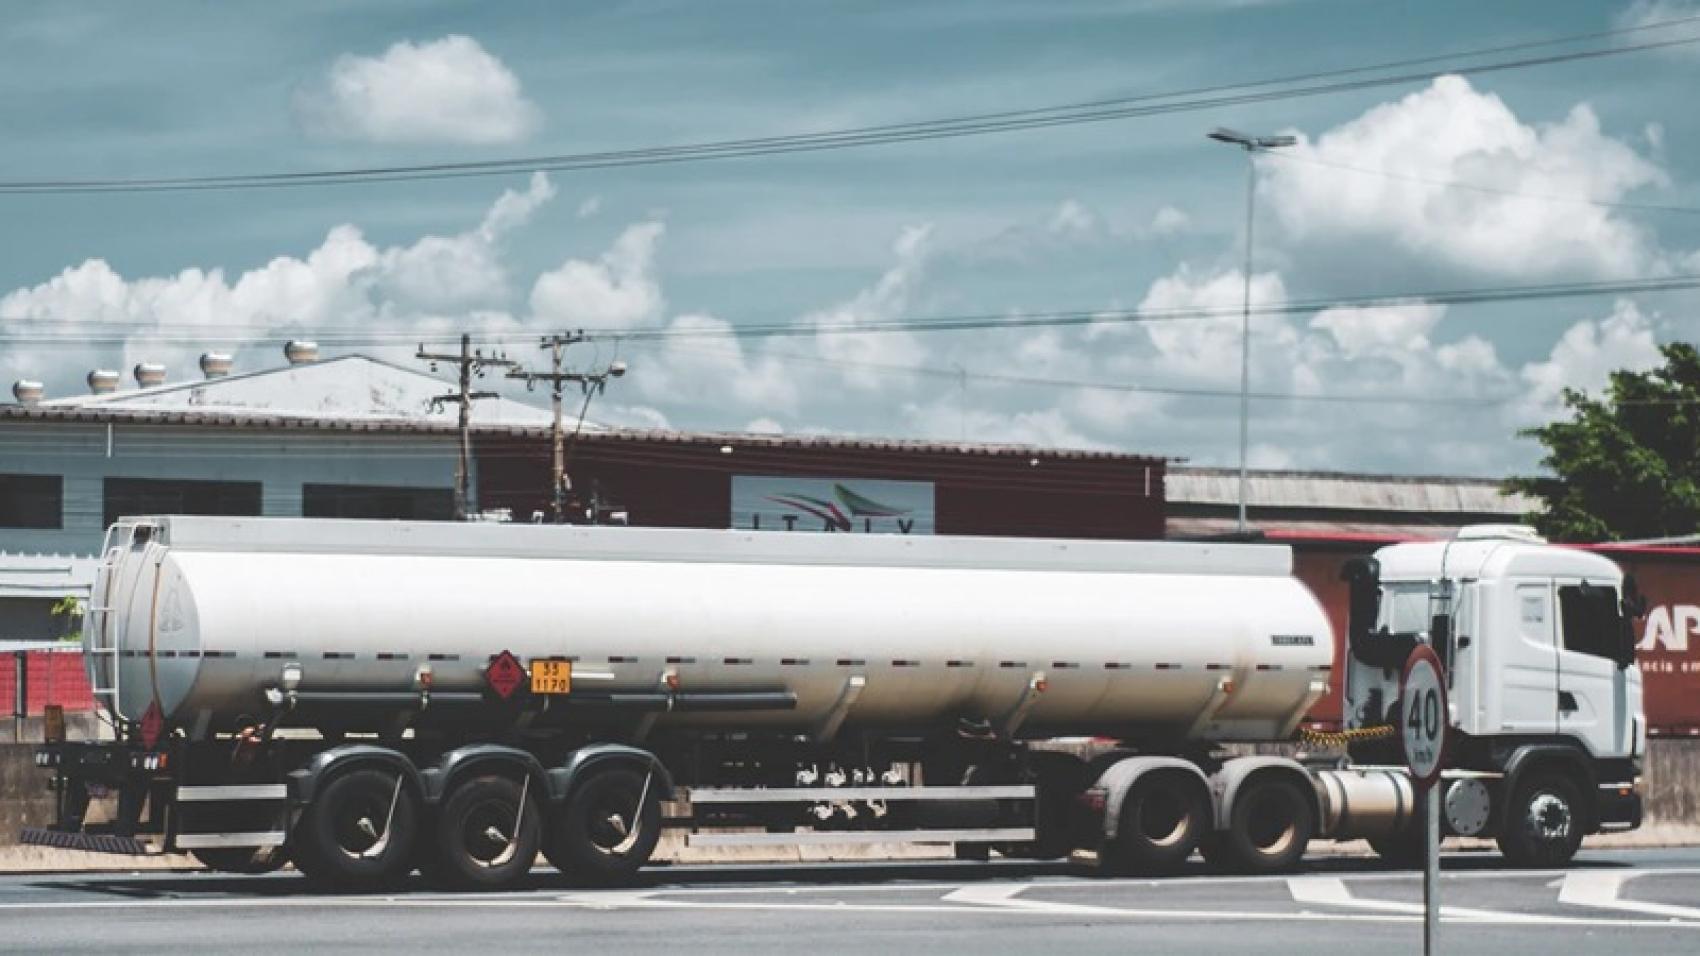 Documentos necessários para transporte de cargas perigosas